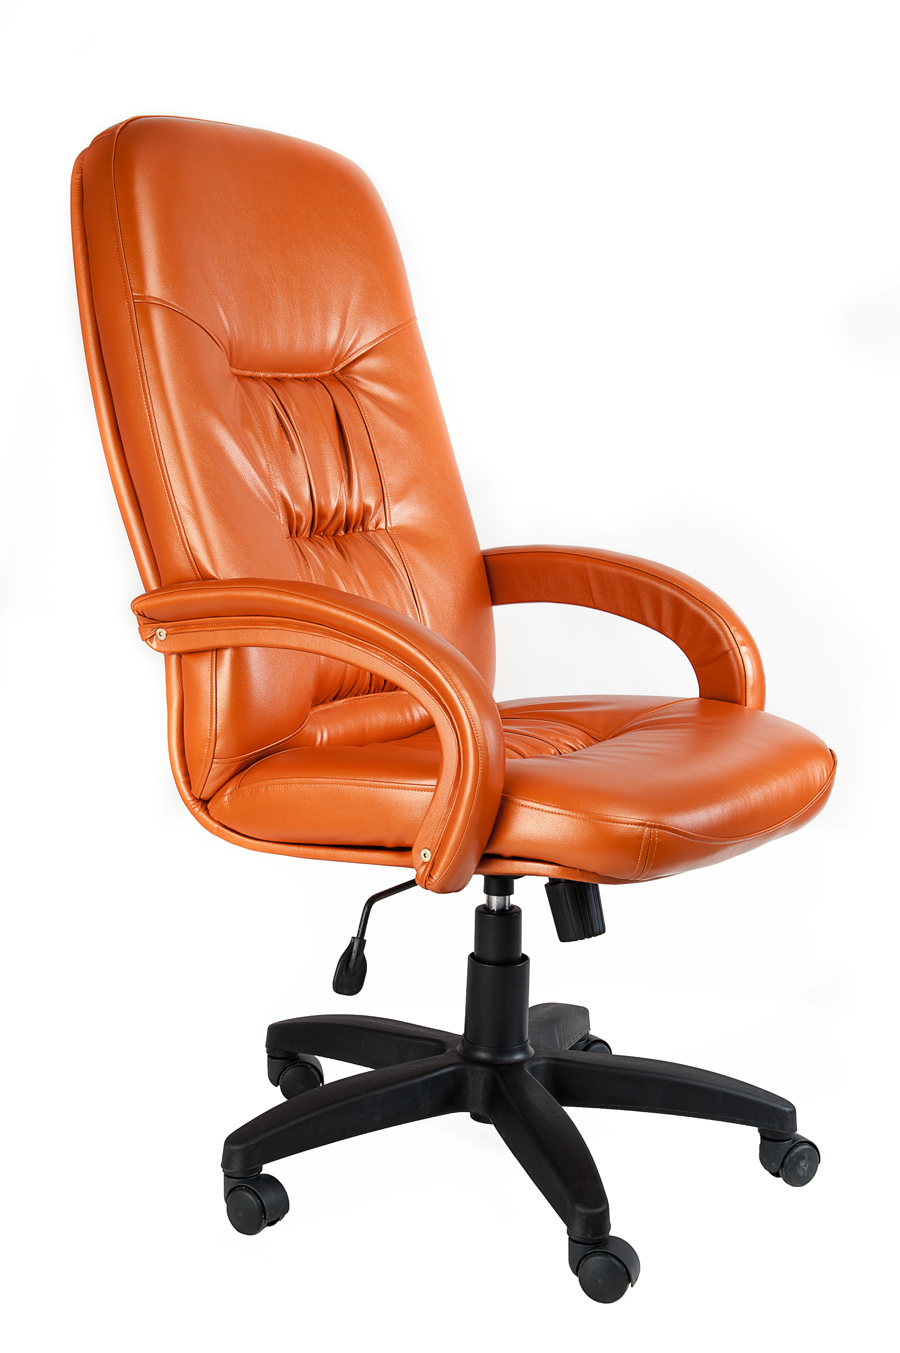 Отзывы - Чехлы на мебель, диваны, кресла, чехлы 8